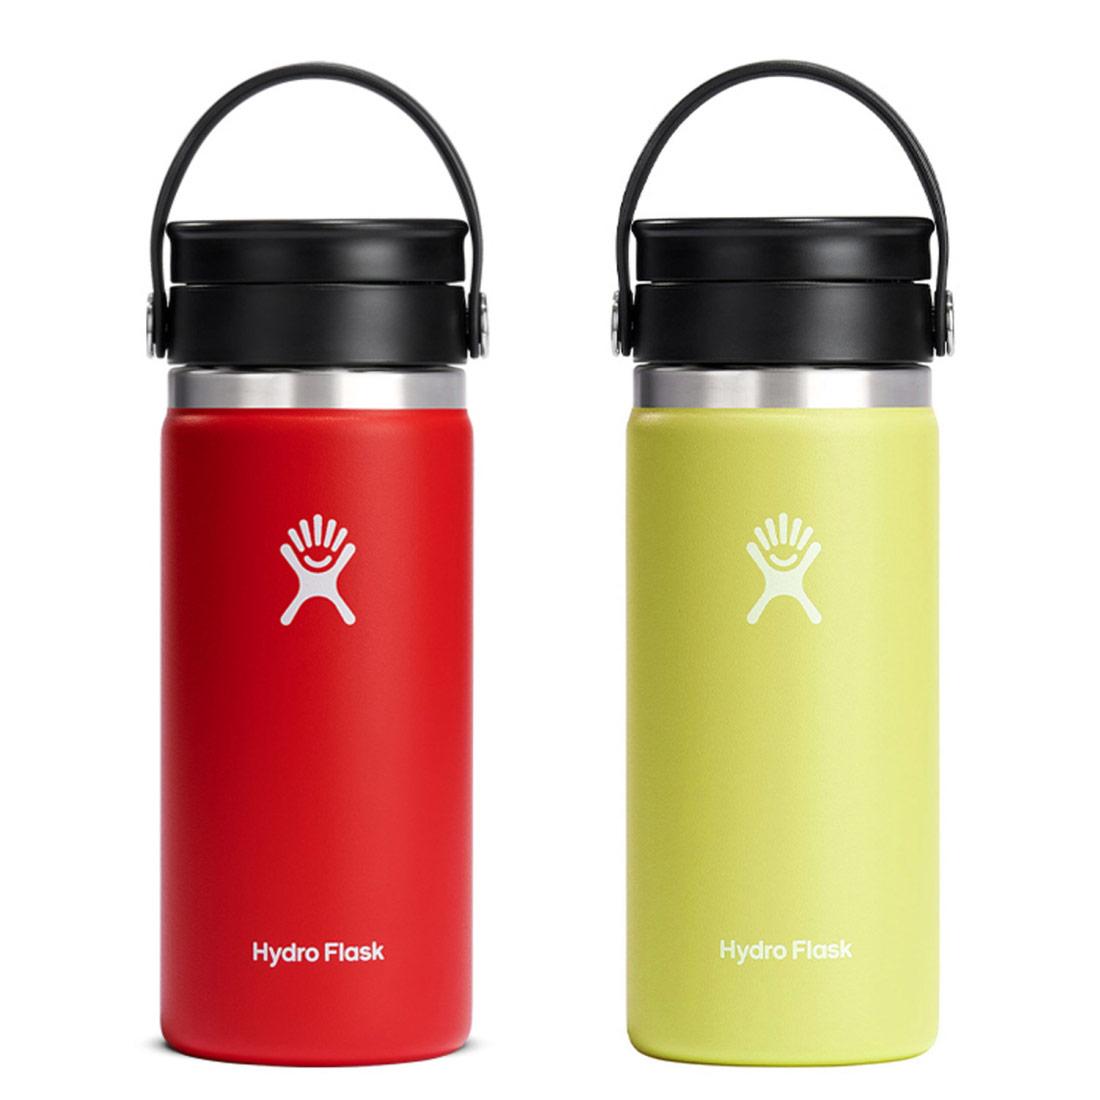 ハイドロフラスク ワイドマウスコーヒー フレックスシップ 16oz 保温 保冷 ボトル 水筒  国内正規品